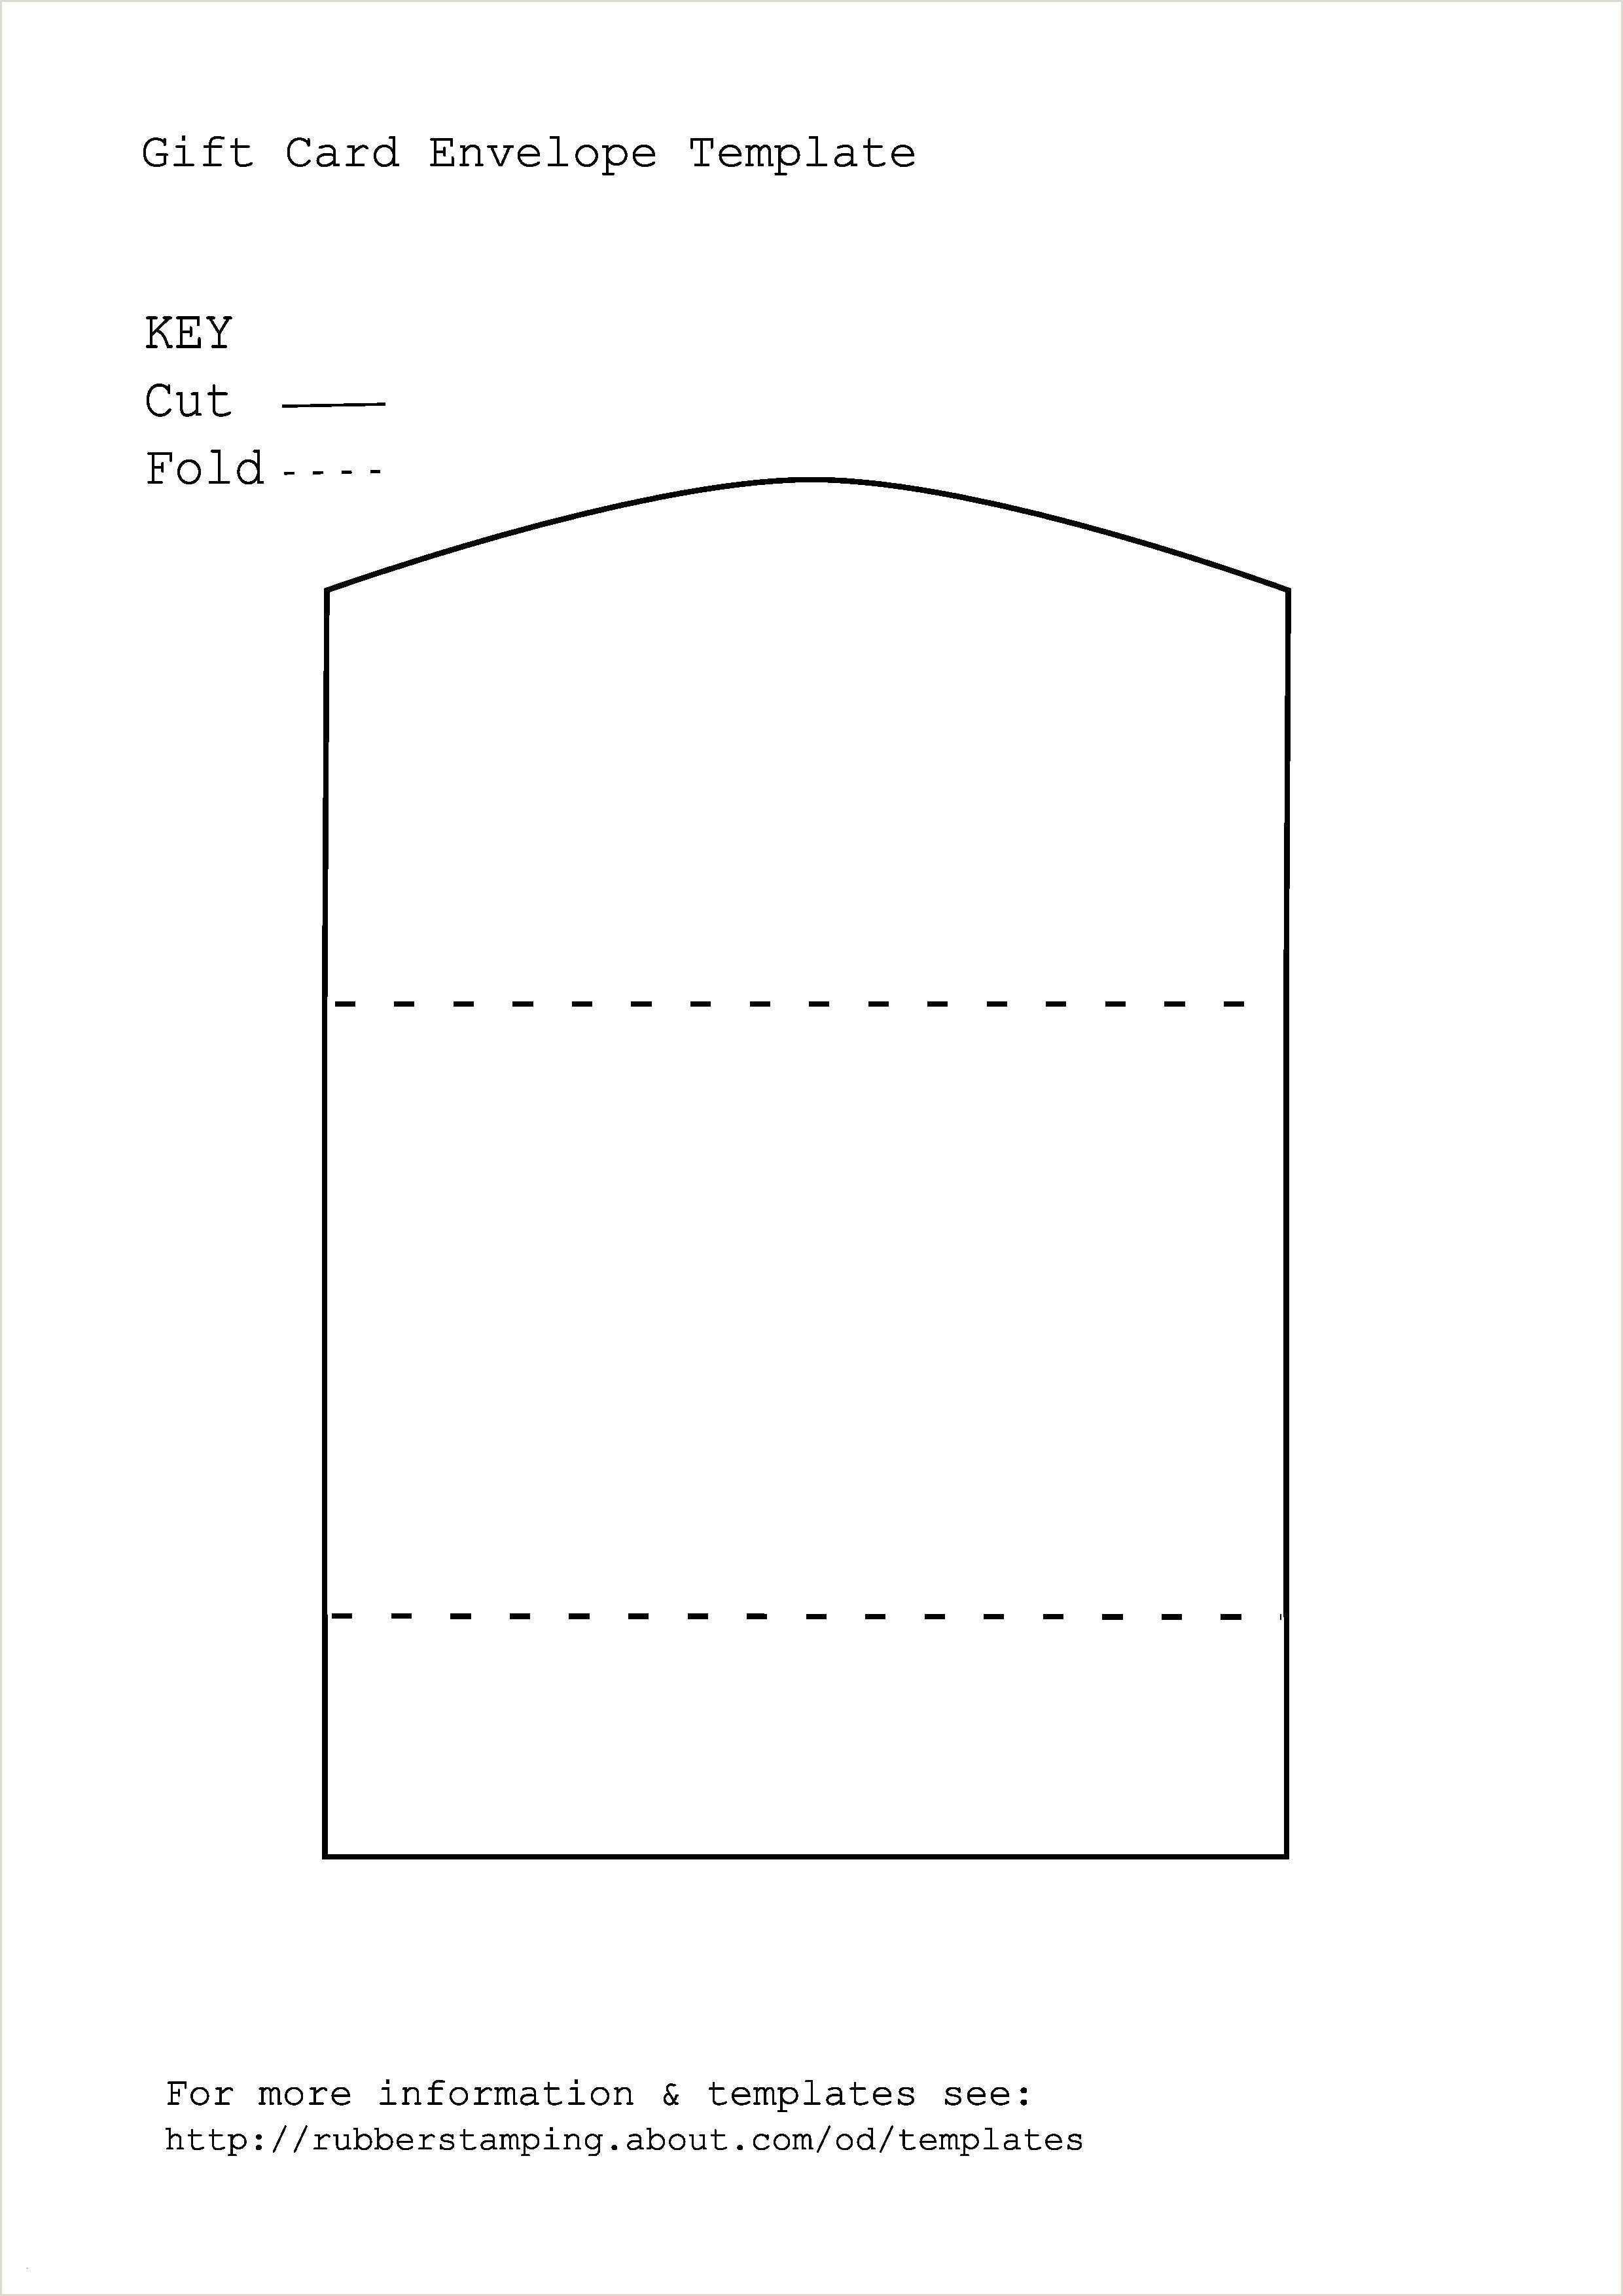 Lebenslauf Muster Kostenlos Open Office In 2020 Geburtstagskarte Vorlage Kartenvorlage Geburtstagskarte